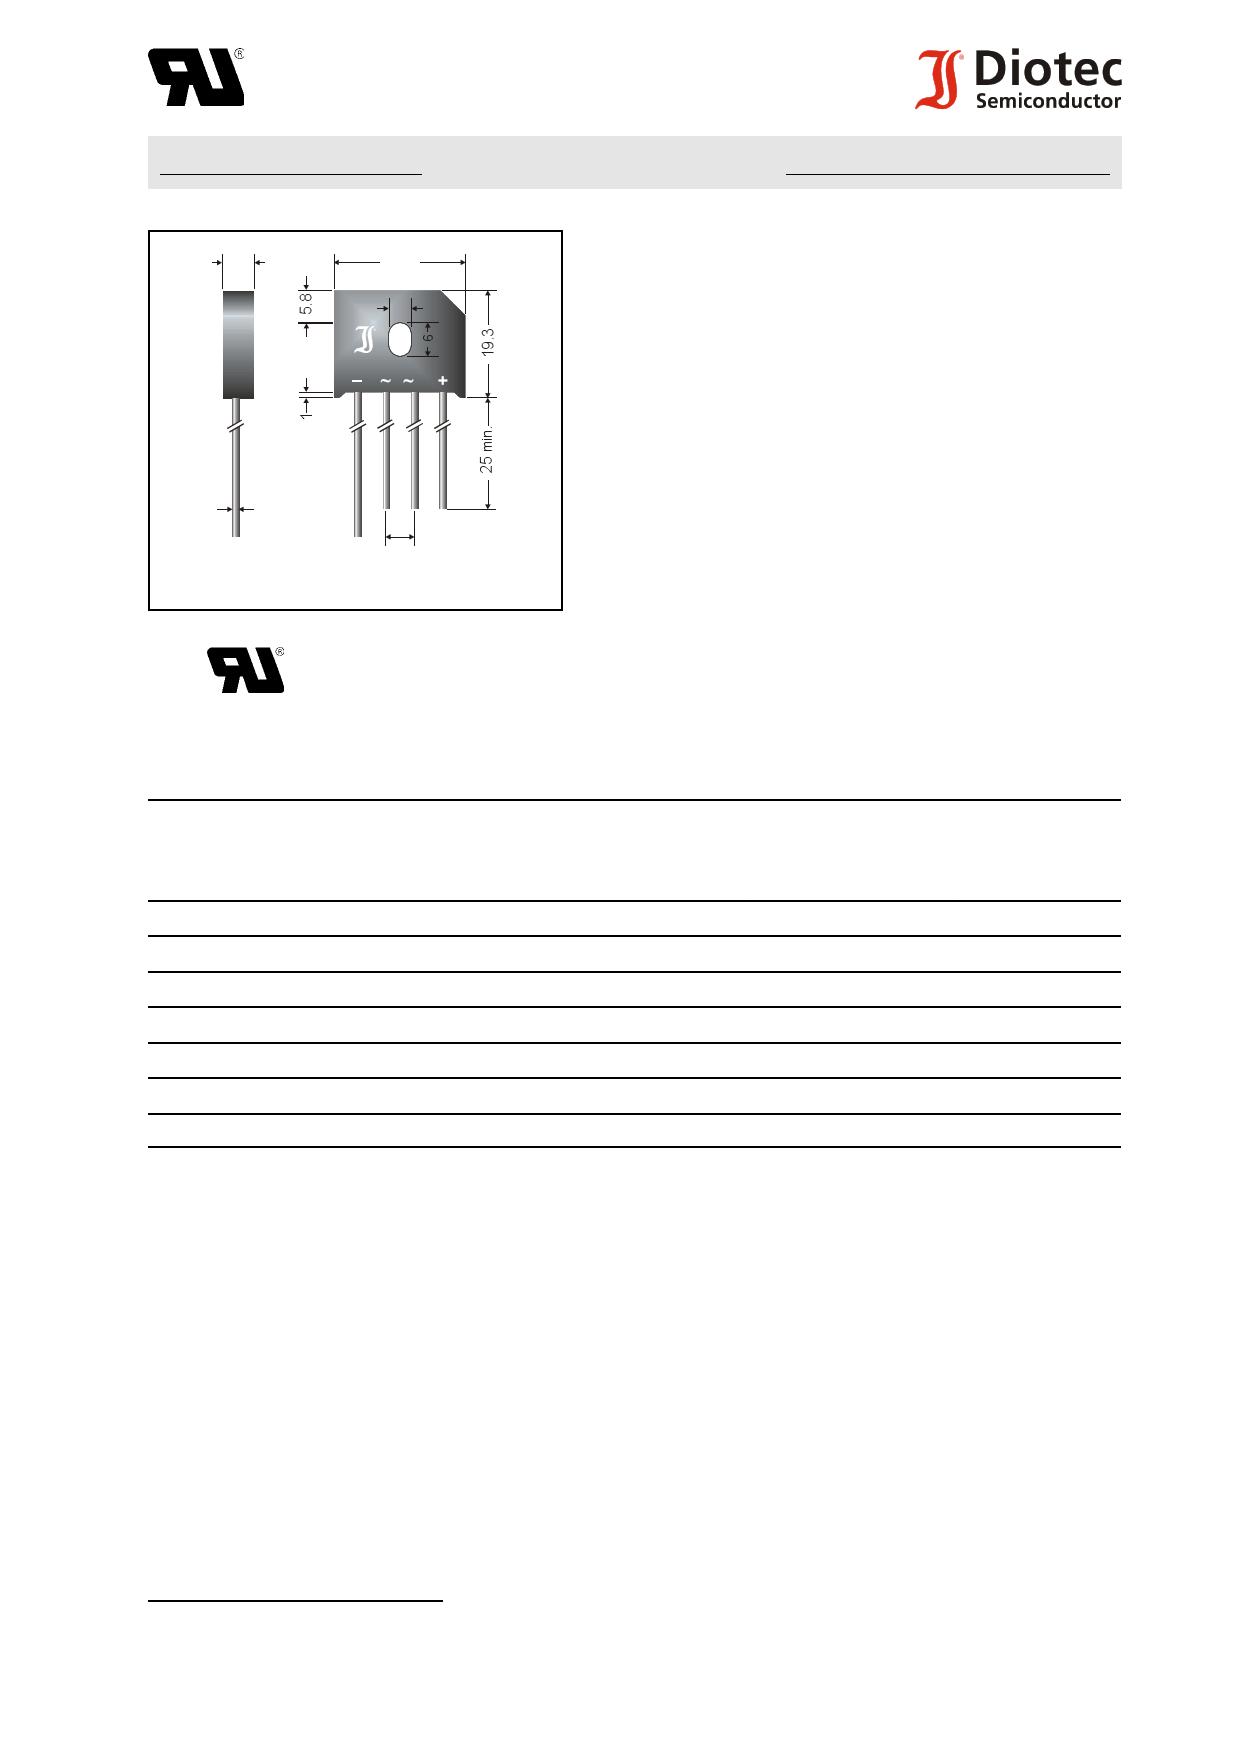 KBU6 datasheet